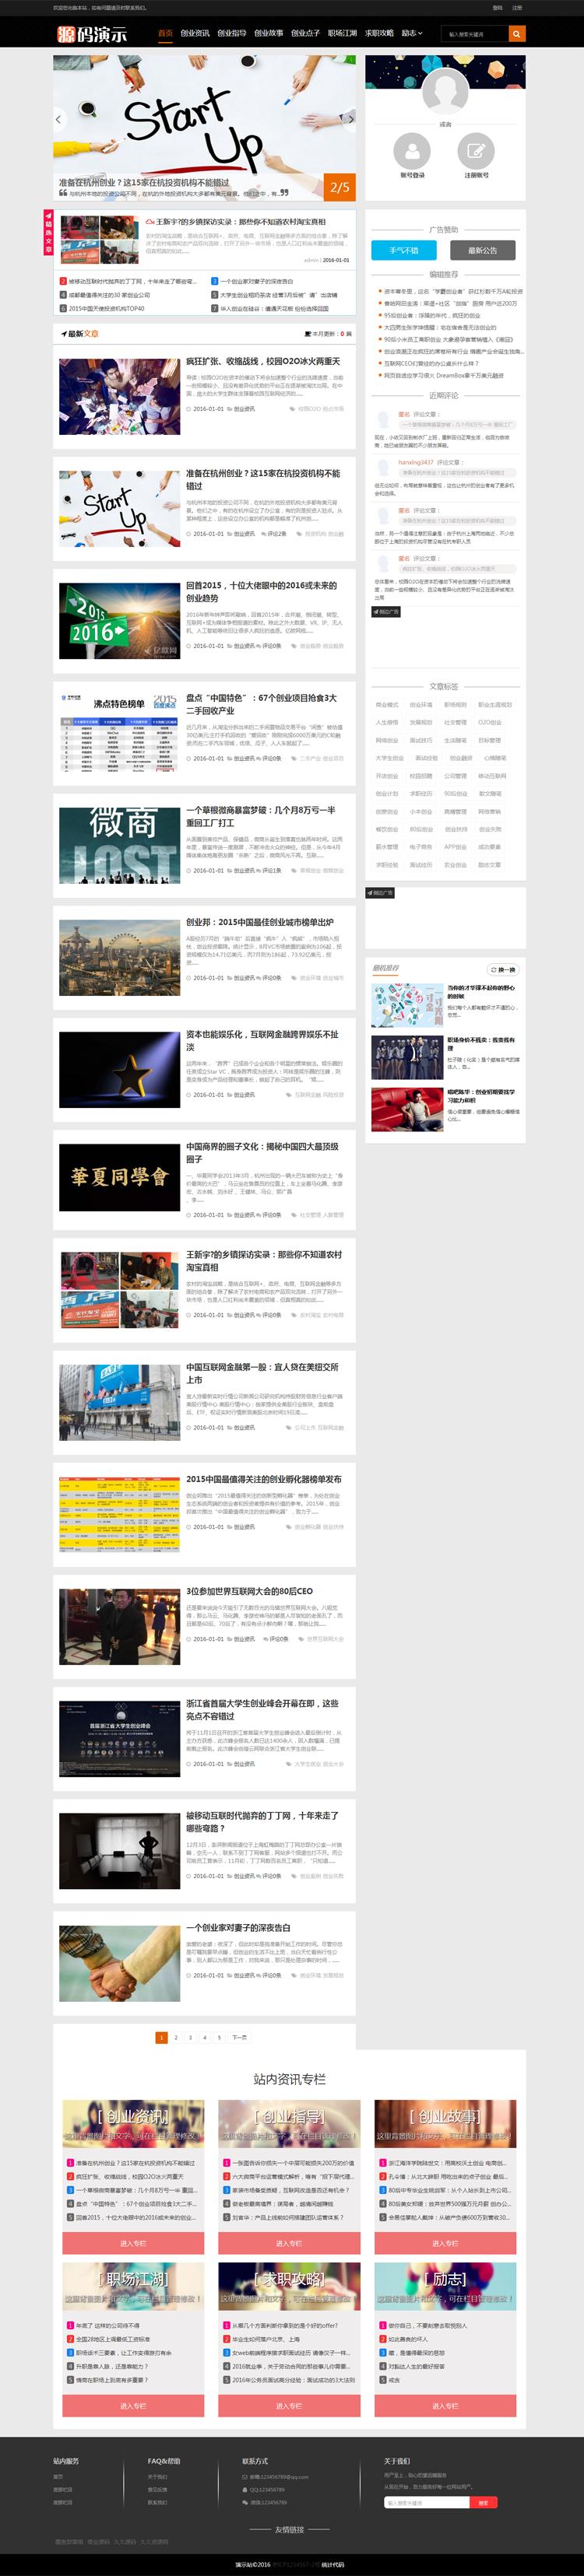 帝国cms自适应文章新闻博客模板响应式手机网站主题html5整站源码插图